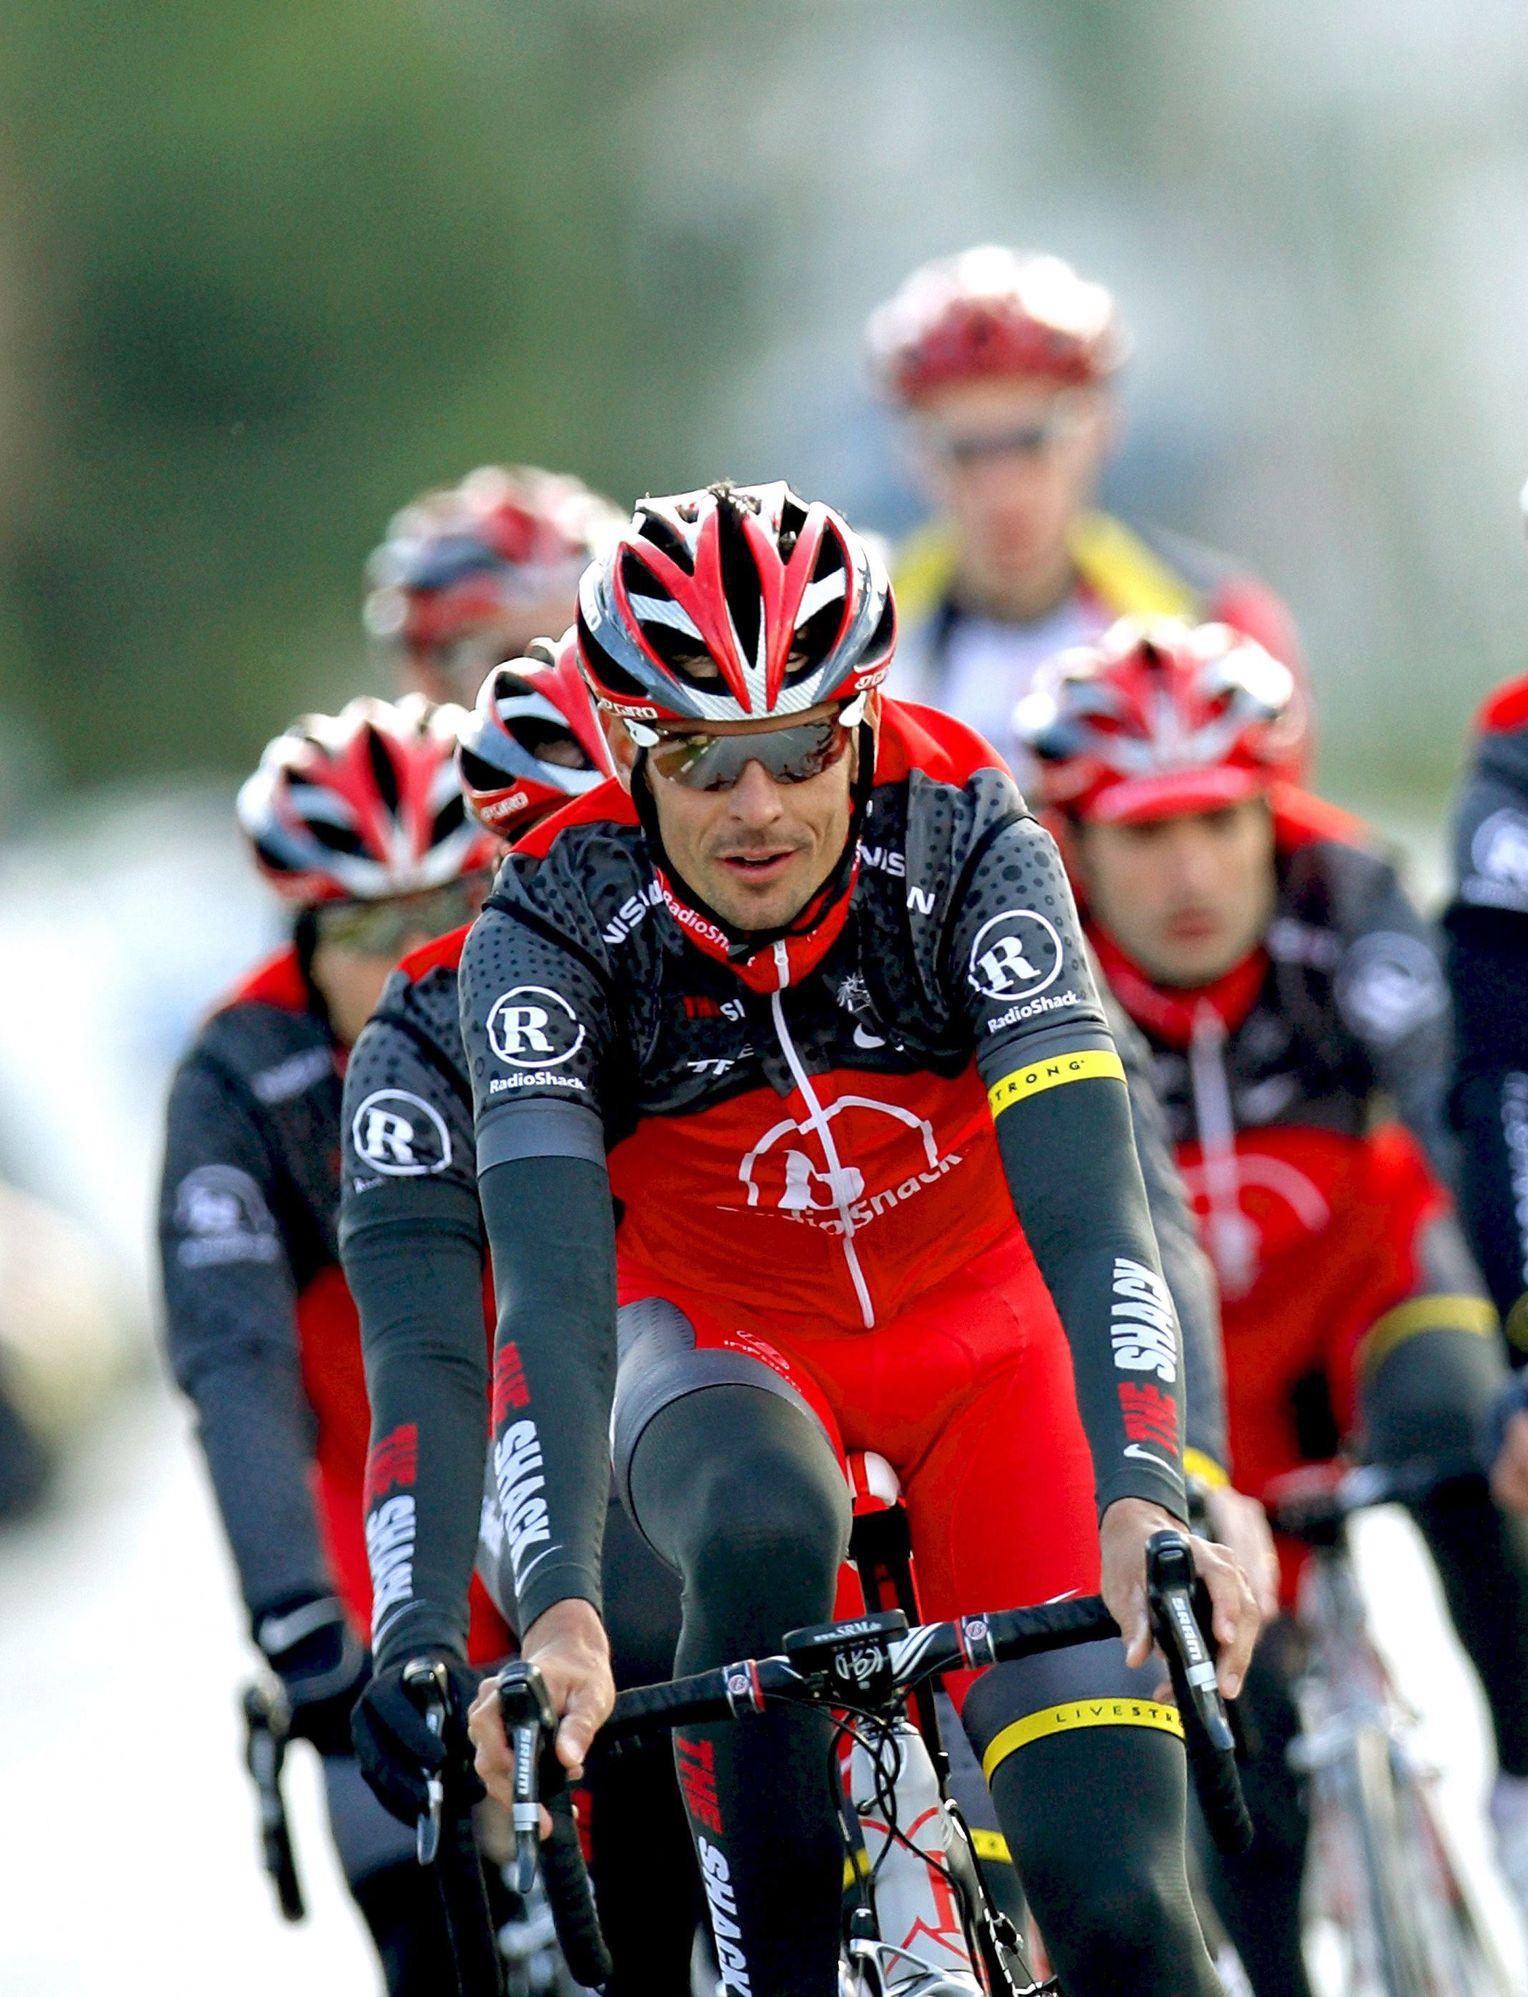 Deutsche Fahrer Tour De France 2021